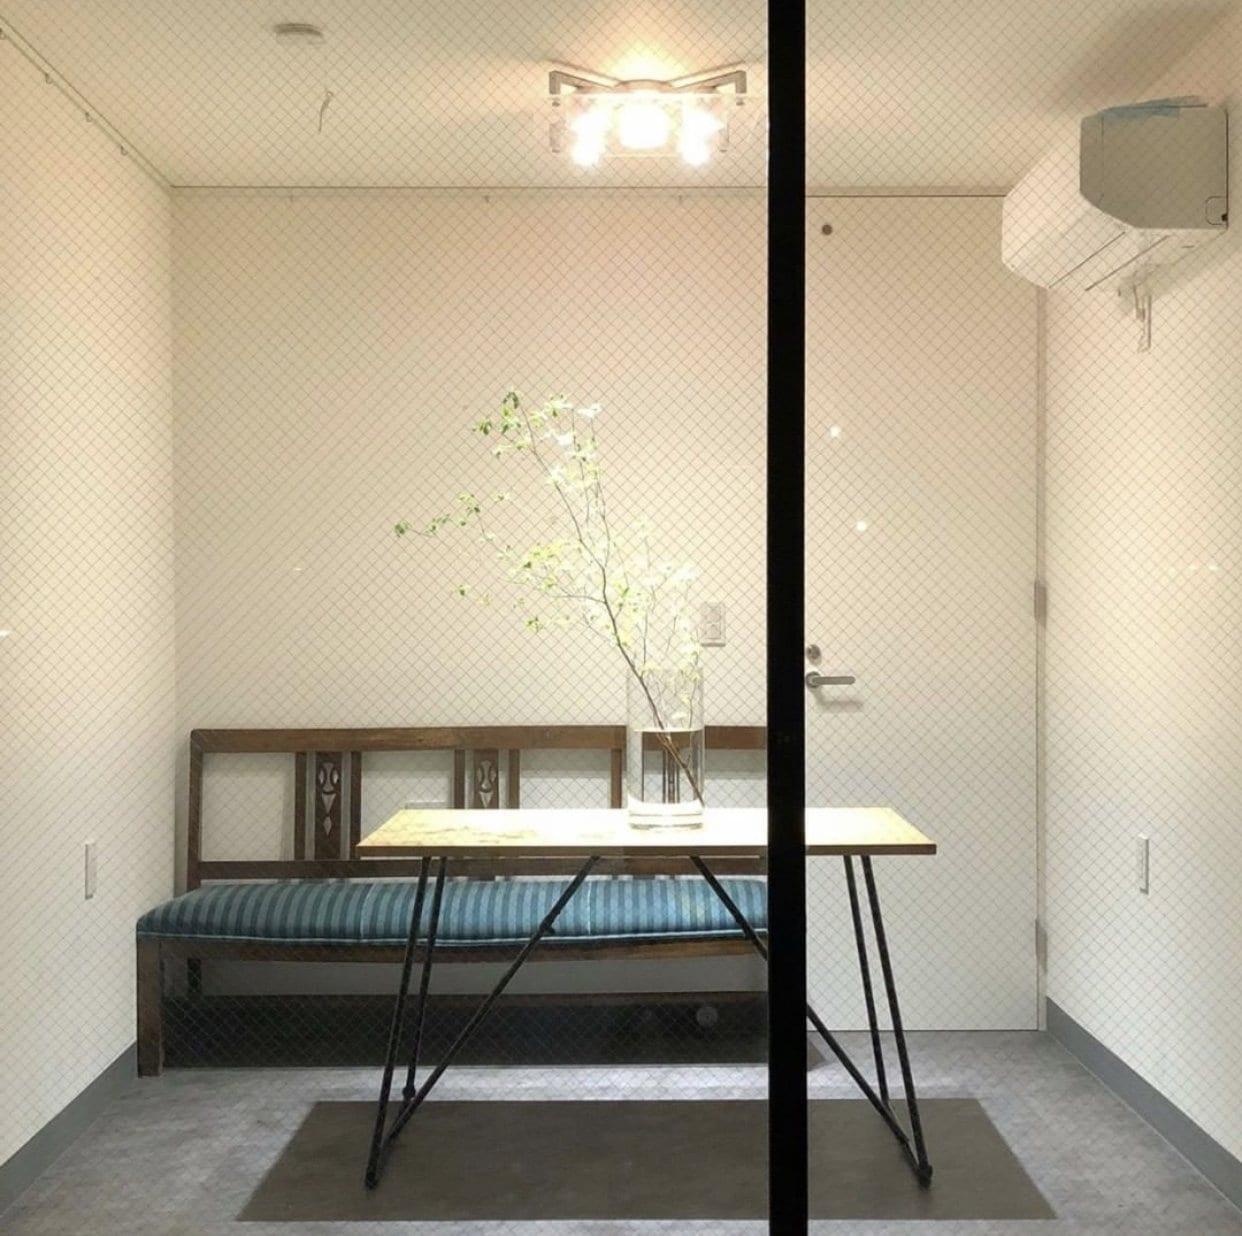 永田様専用 ギャラリー18 スペースレンタル料金のイメージその1